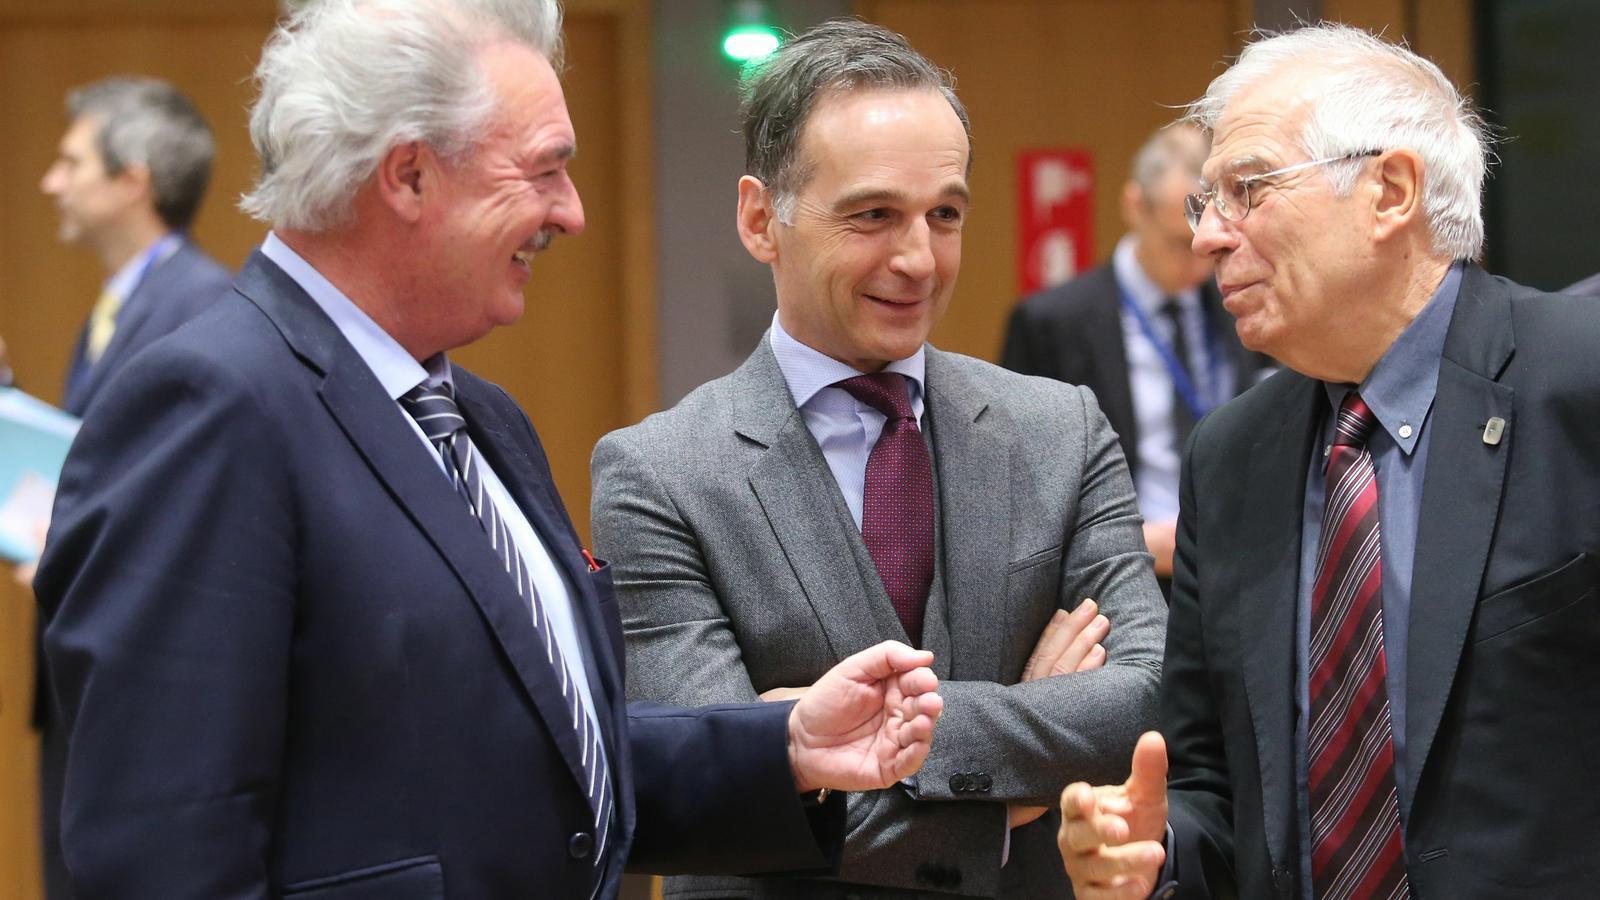 El cap de la diplomàcia europea, Josep Borrell, amb els ministres d'Exteriors de Luzxemburg i Alemanya, en la reunió aquest dilluns a Brussel·les.